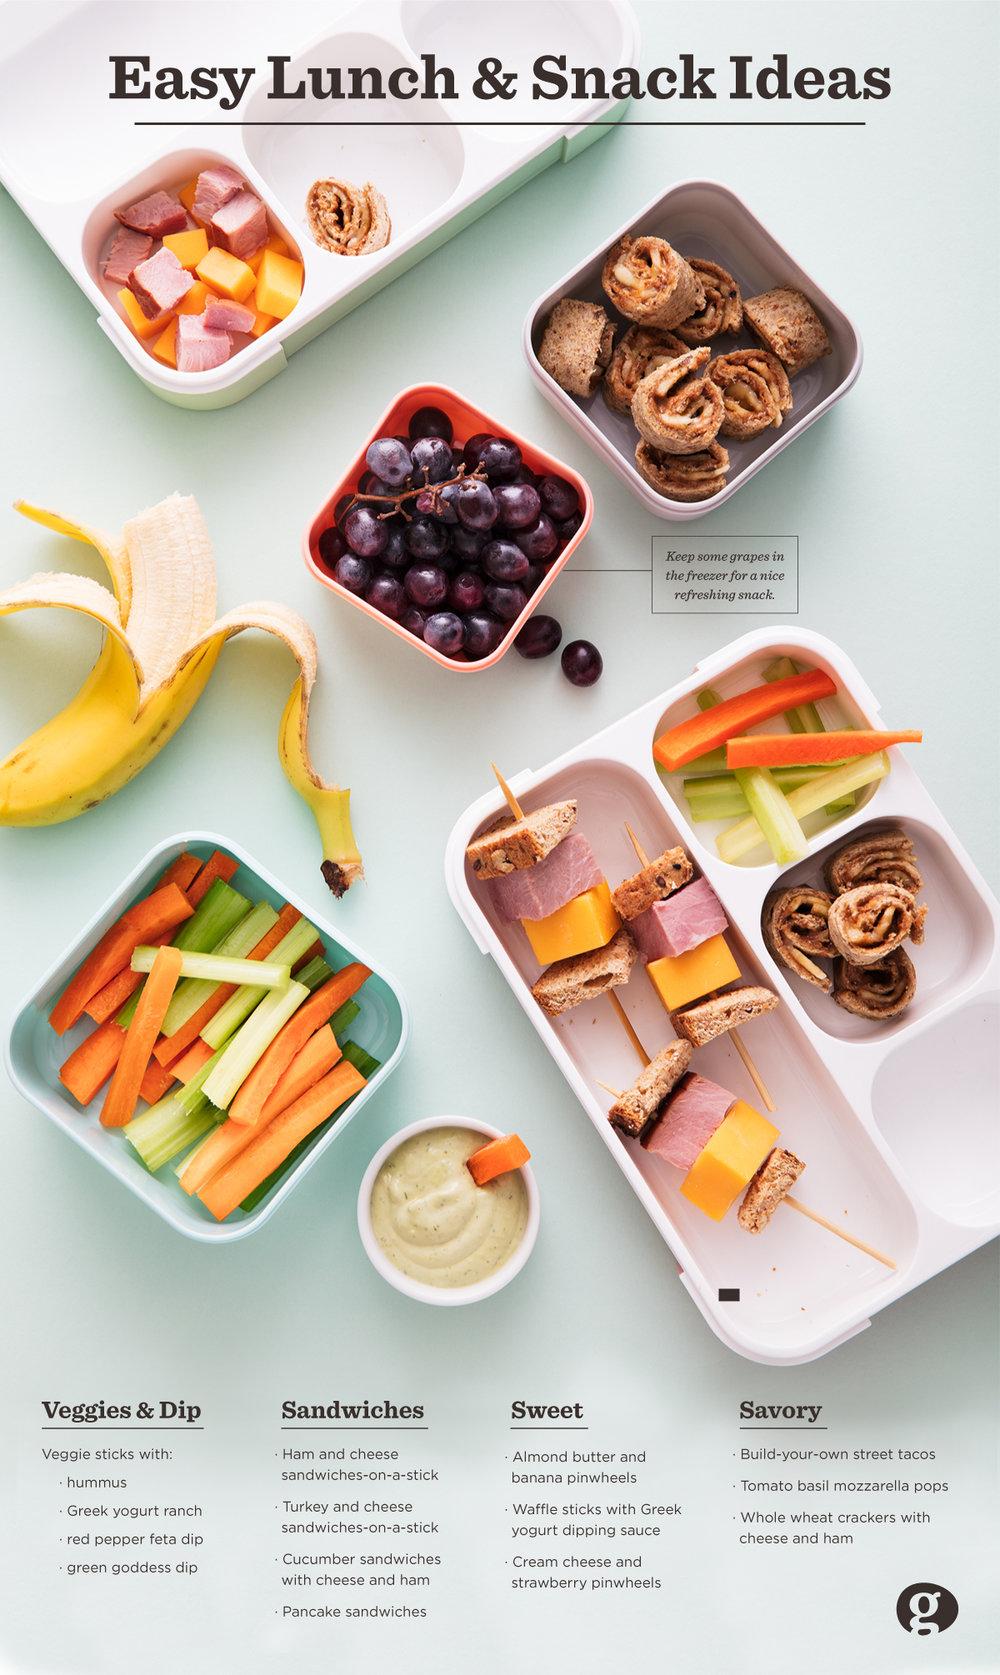 GoodEggs_Easy_Lunch_Snack_Ideas_Infographic_1.jpg